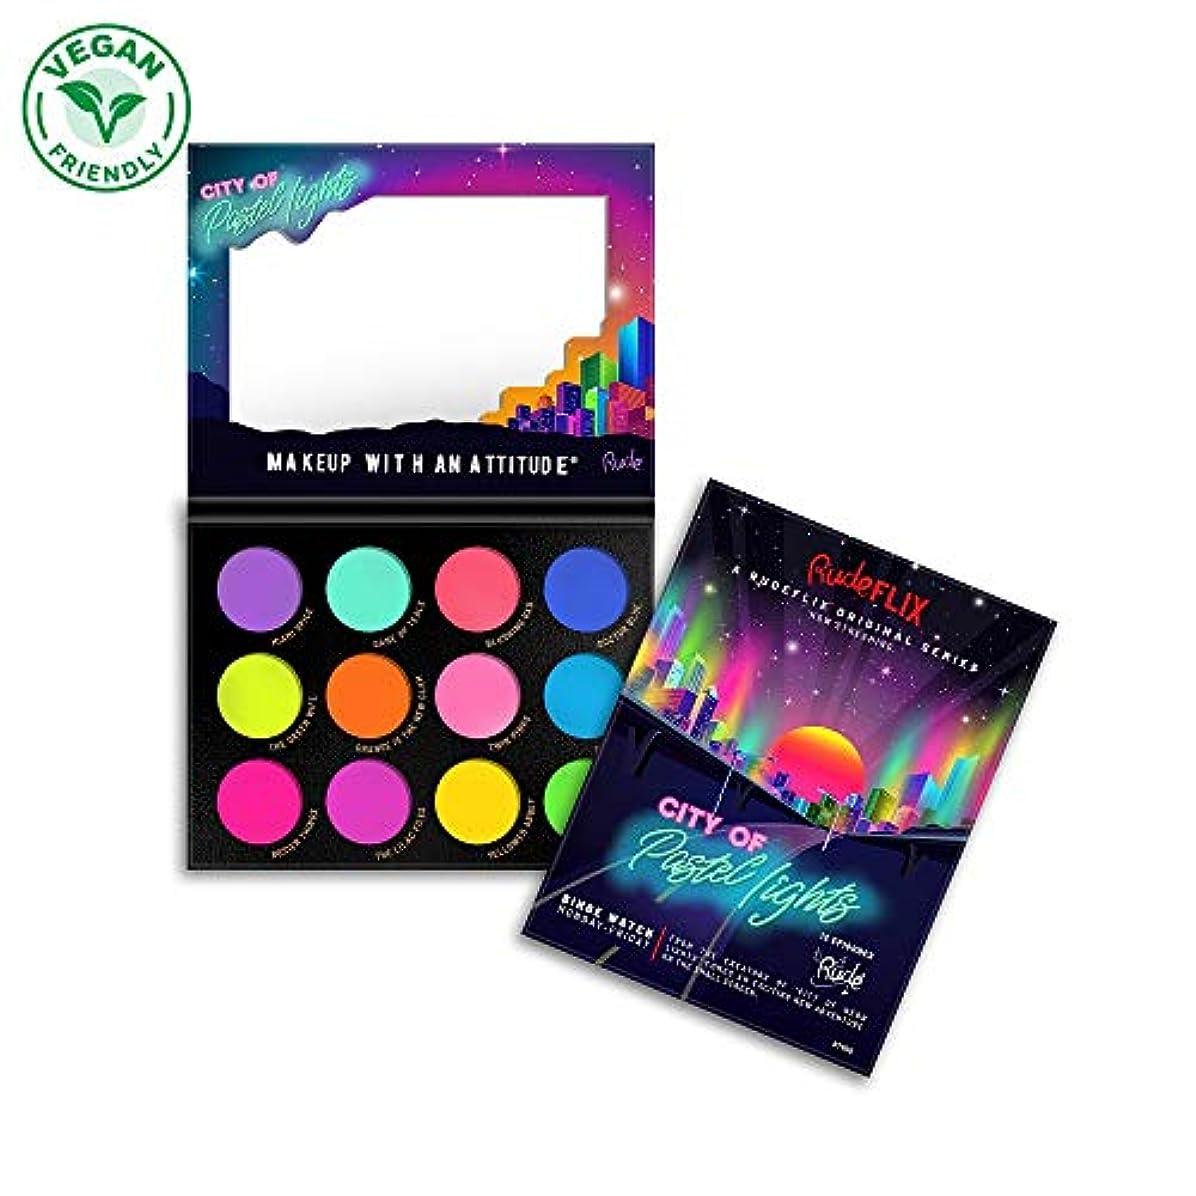 砲撃一貫したラメRUDE City of Pastel Lights - 12 Pastel Pigment & Eyeshadow Palette (並行輸入品)